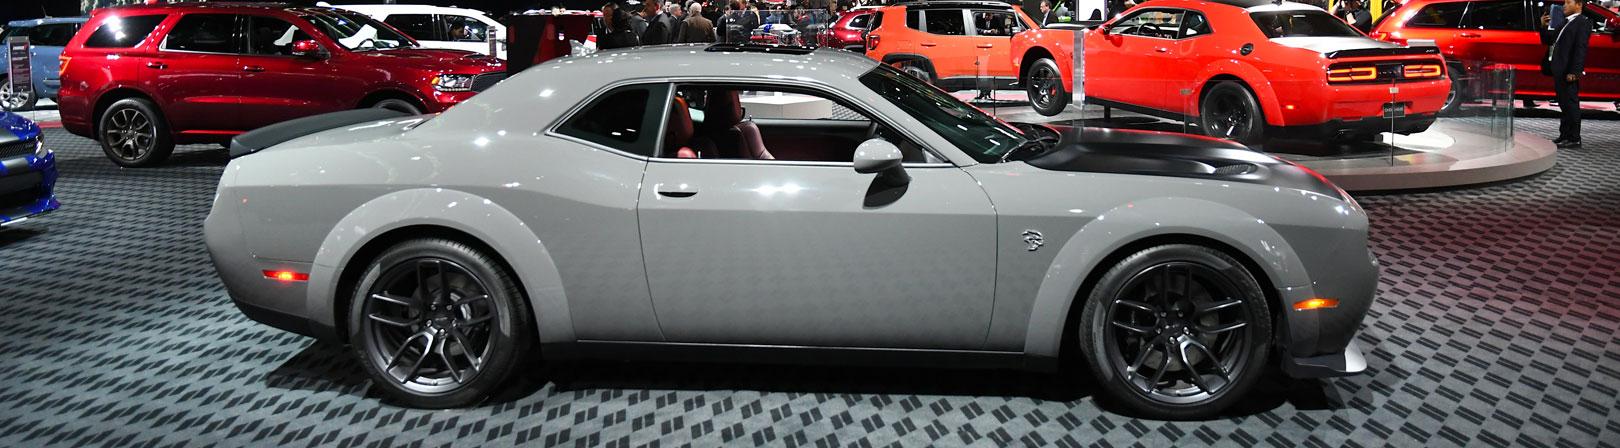 Dallas Auto Show >> Dallas Auto Show Dodge Garage